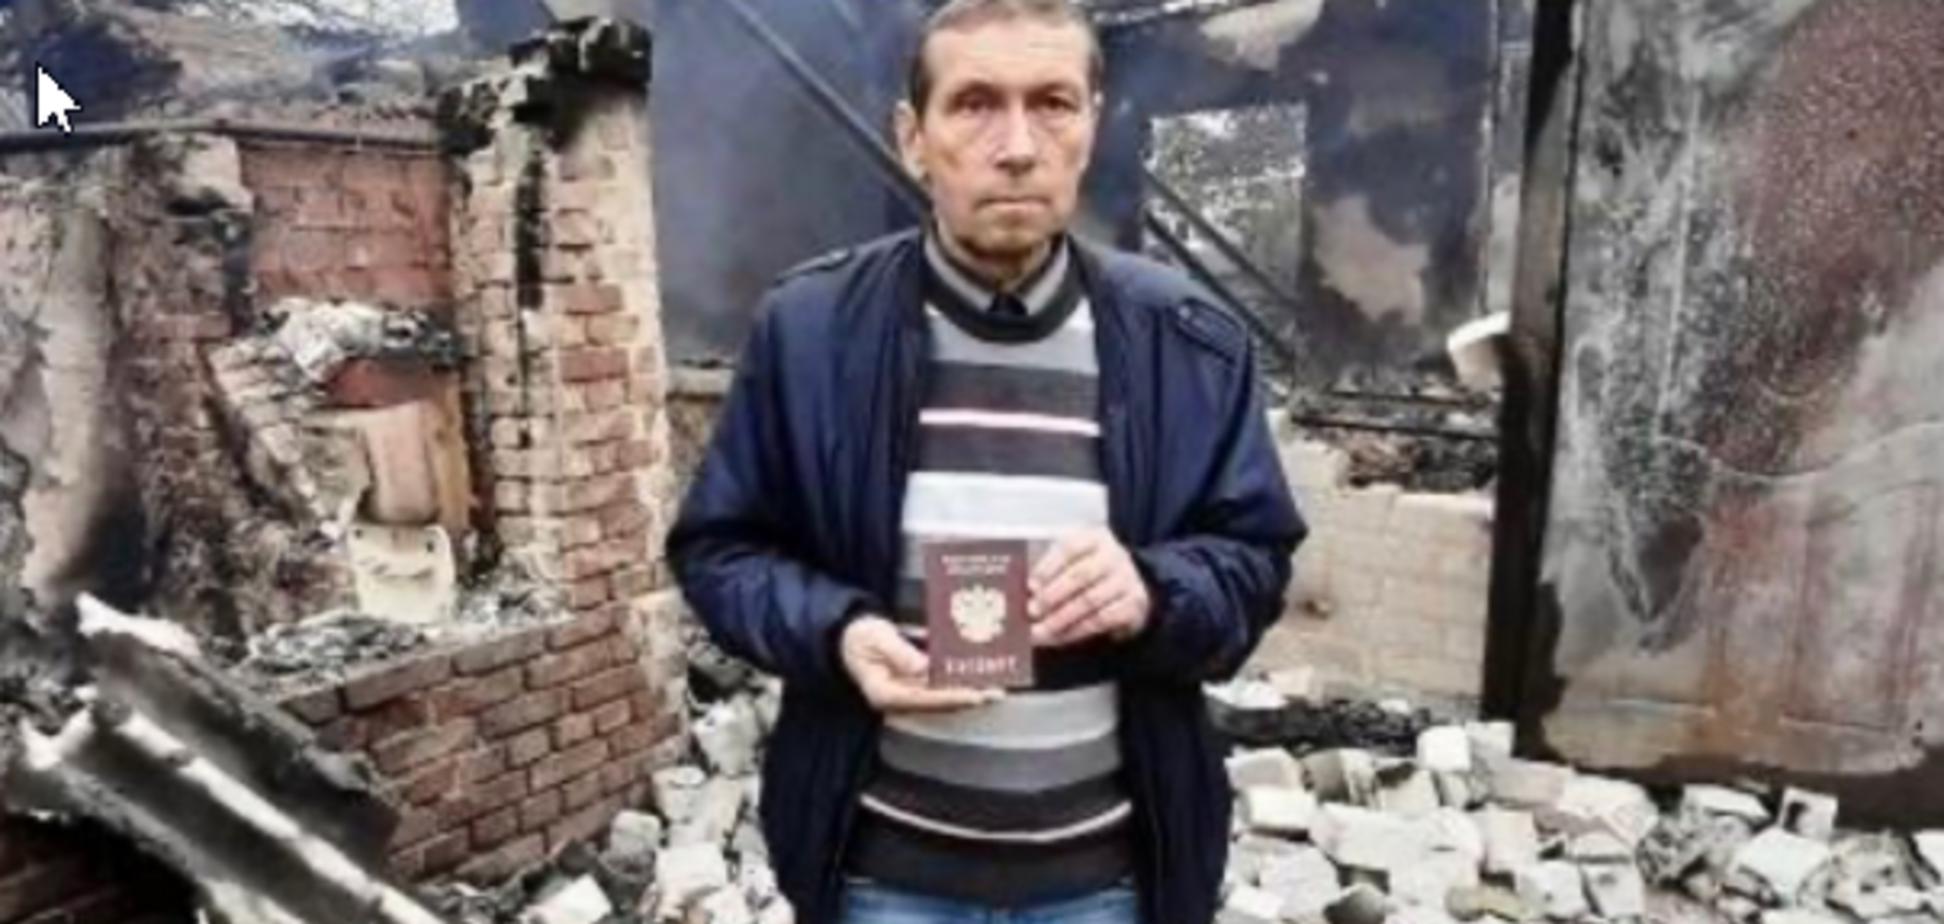 'Паспорт РФ не уберег!' Журналист указал на страшное последствие 'русского мира'